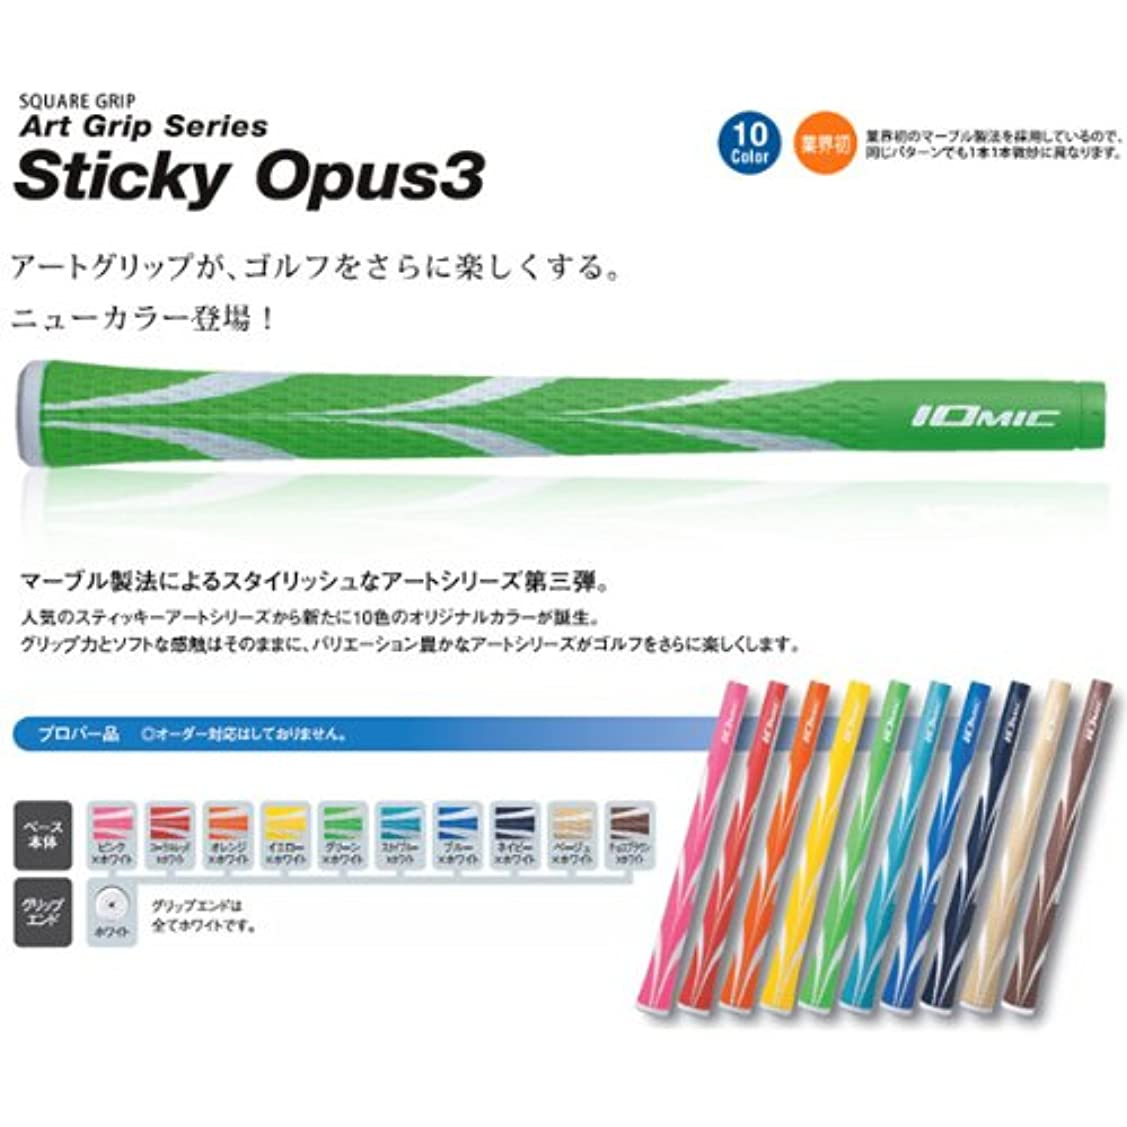 恥ずかしい浮浪者頂点IOMIC イオミック Art Grip Series アートグリップシリーズSticky Opus3 プロパー